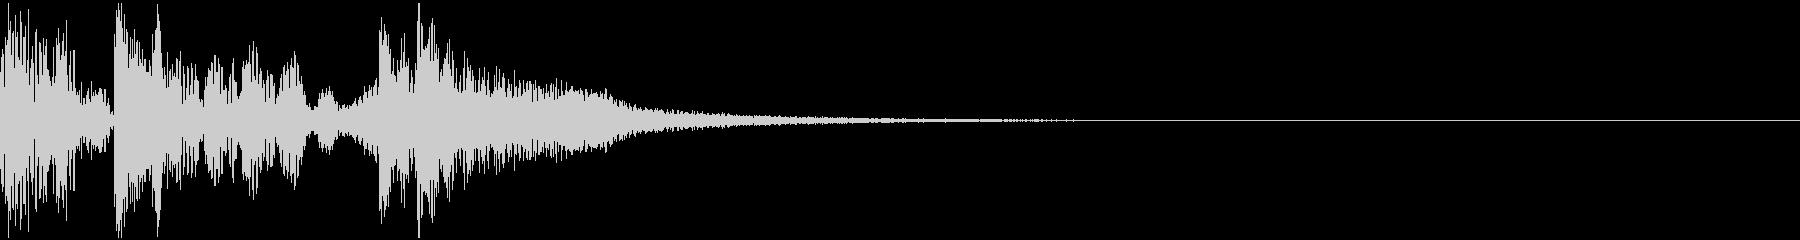 ピッピデューンの未再生の波形